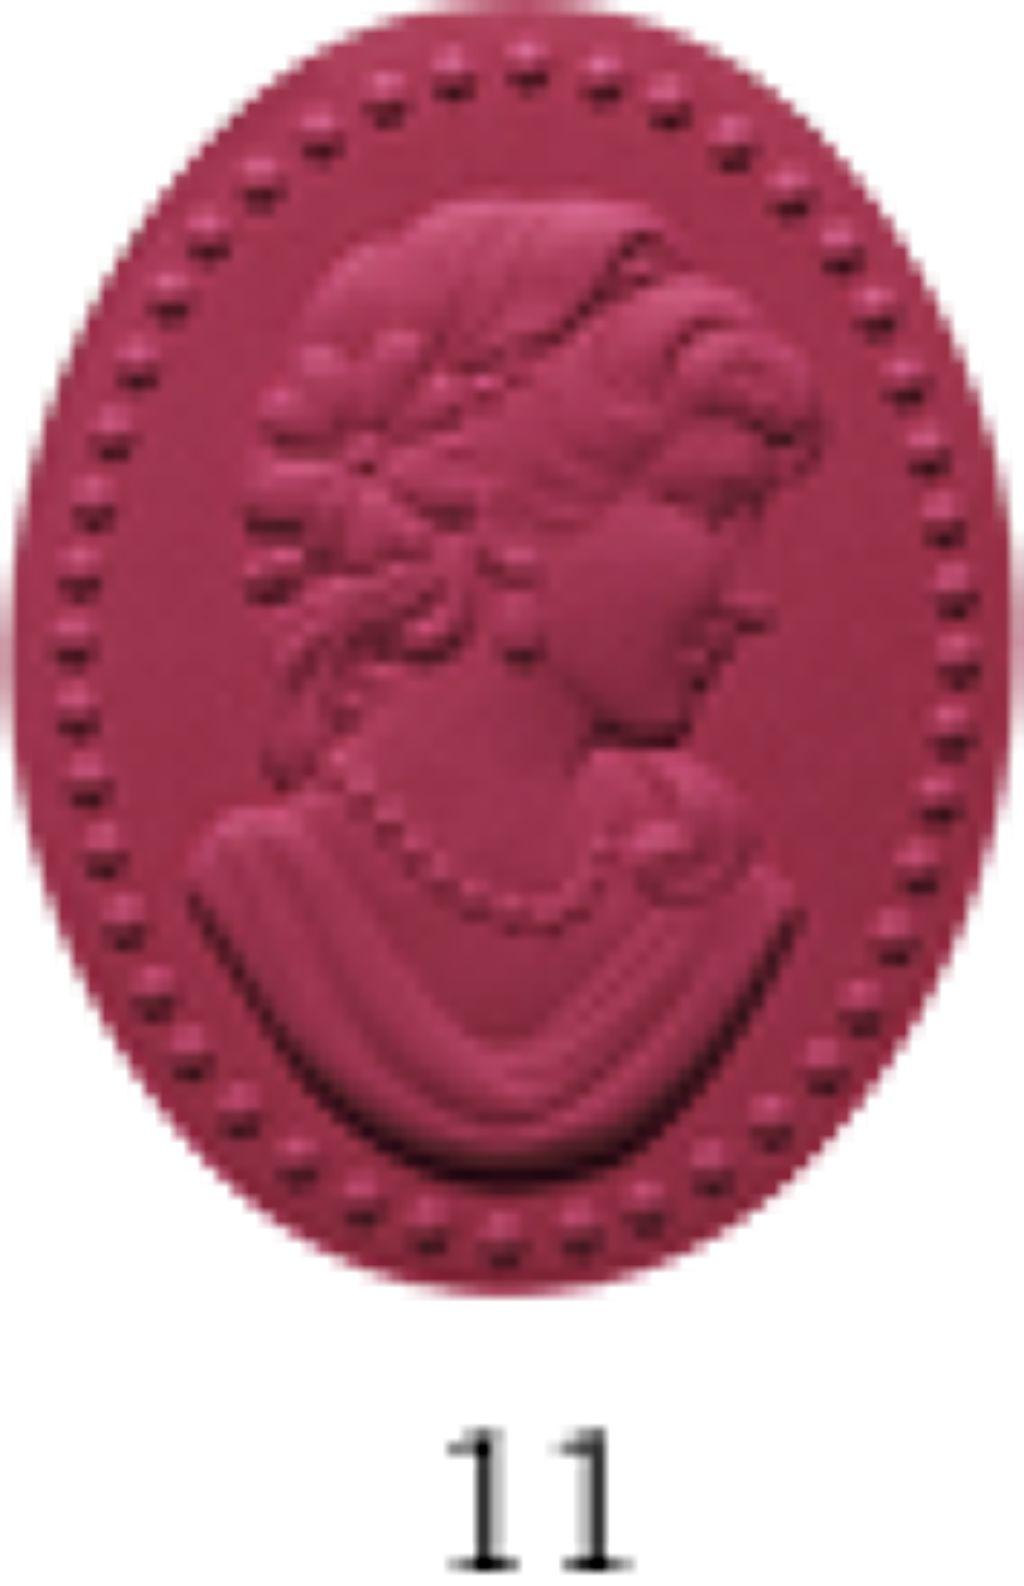 プレスト チークカラー11 Cramoisi クラモアズィ(深紅色)